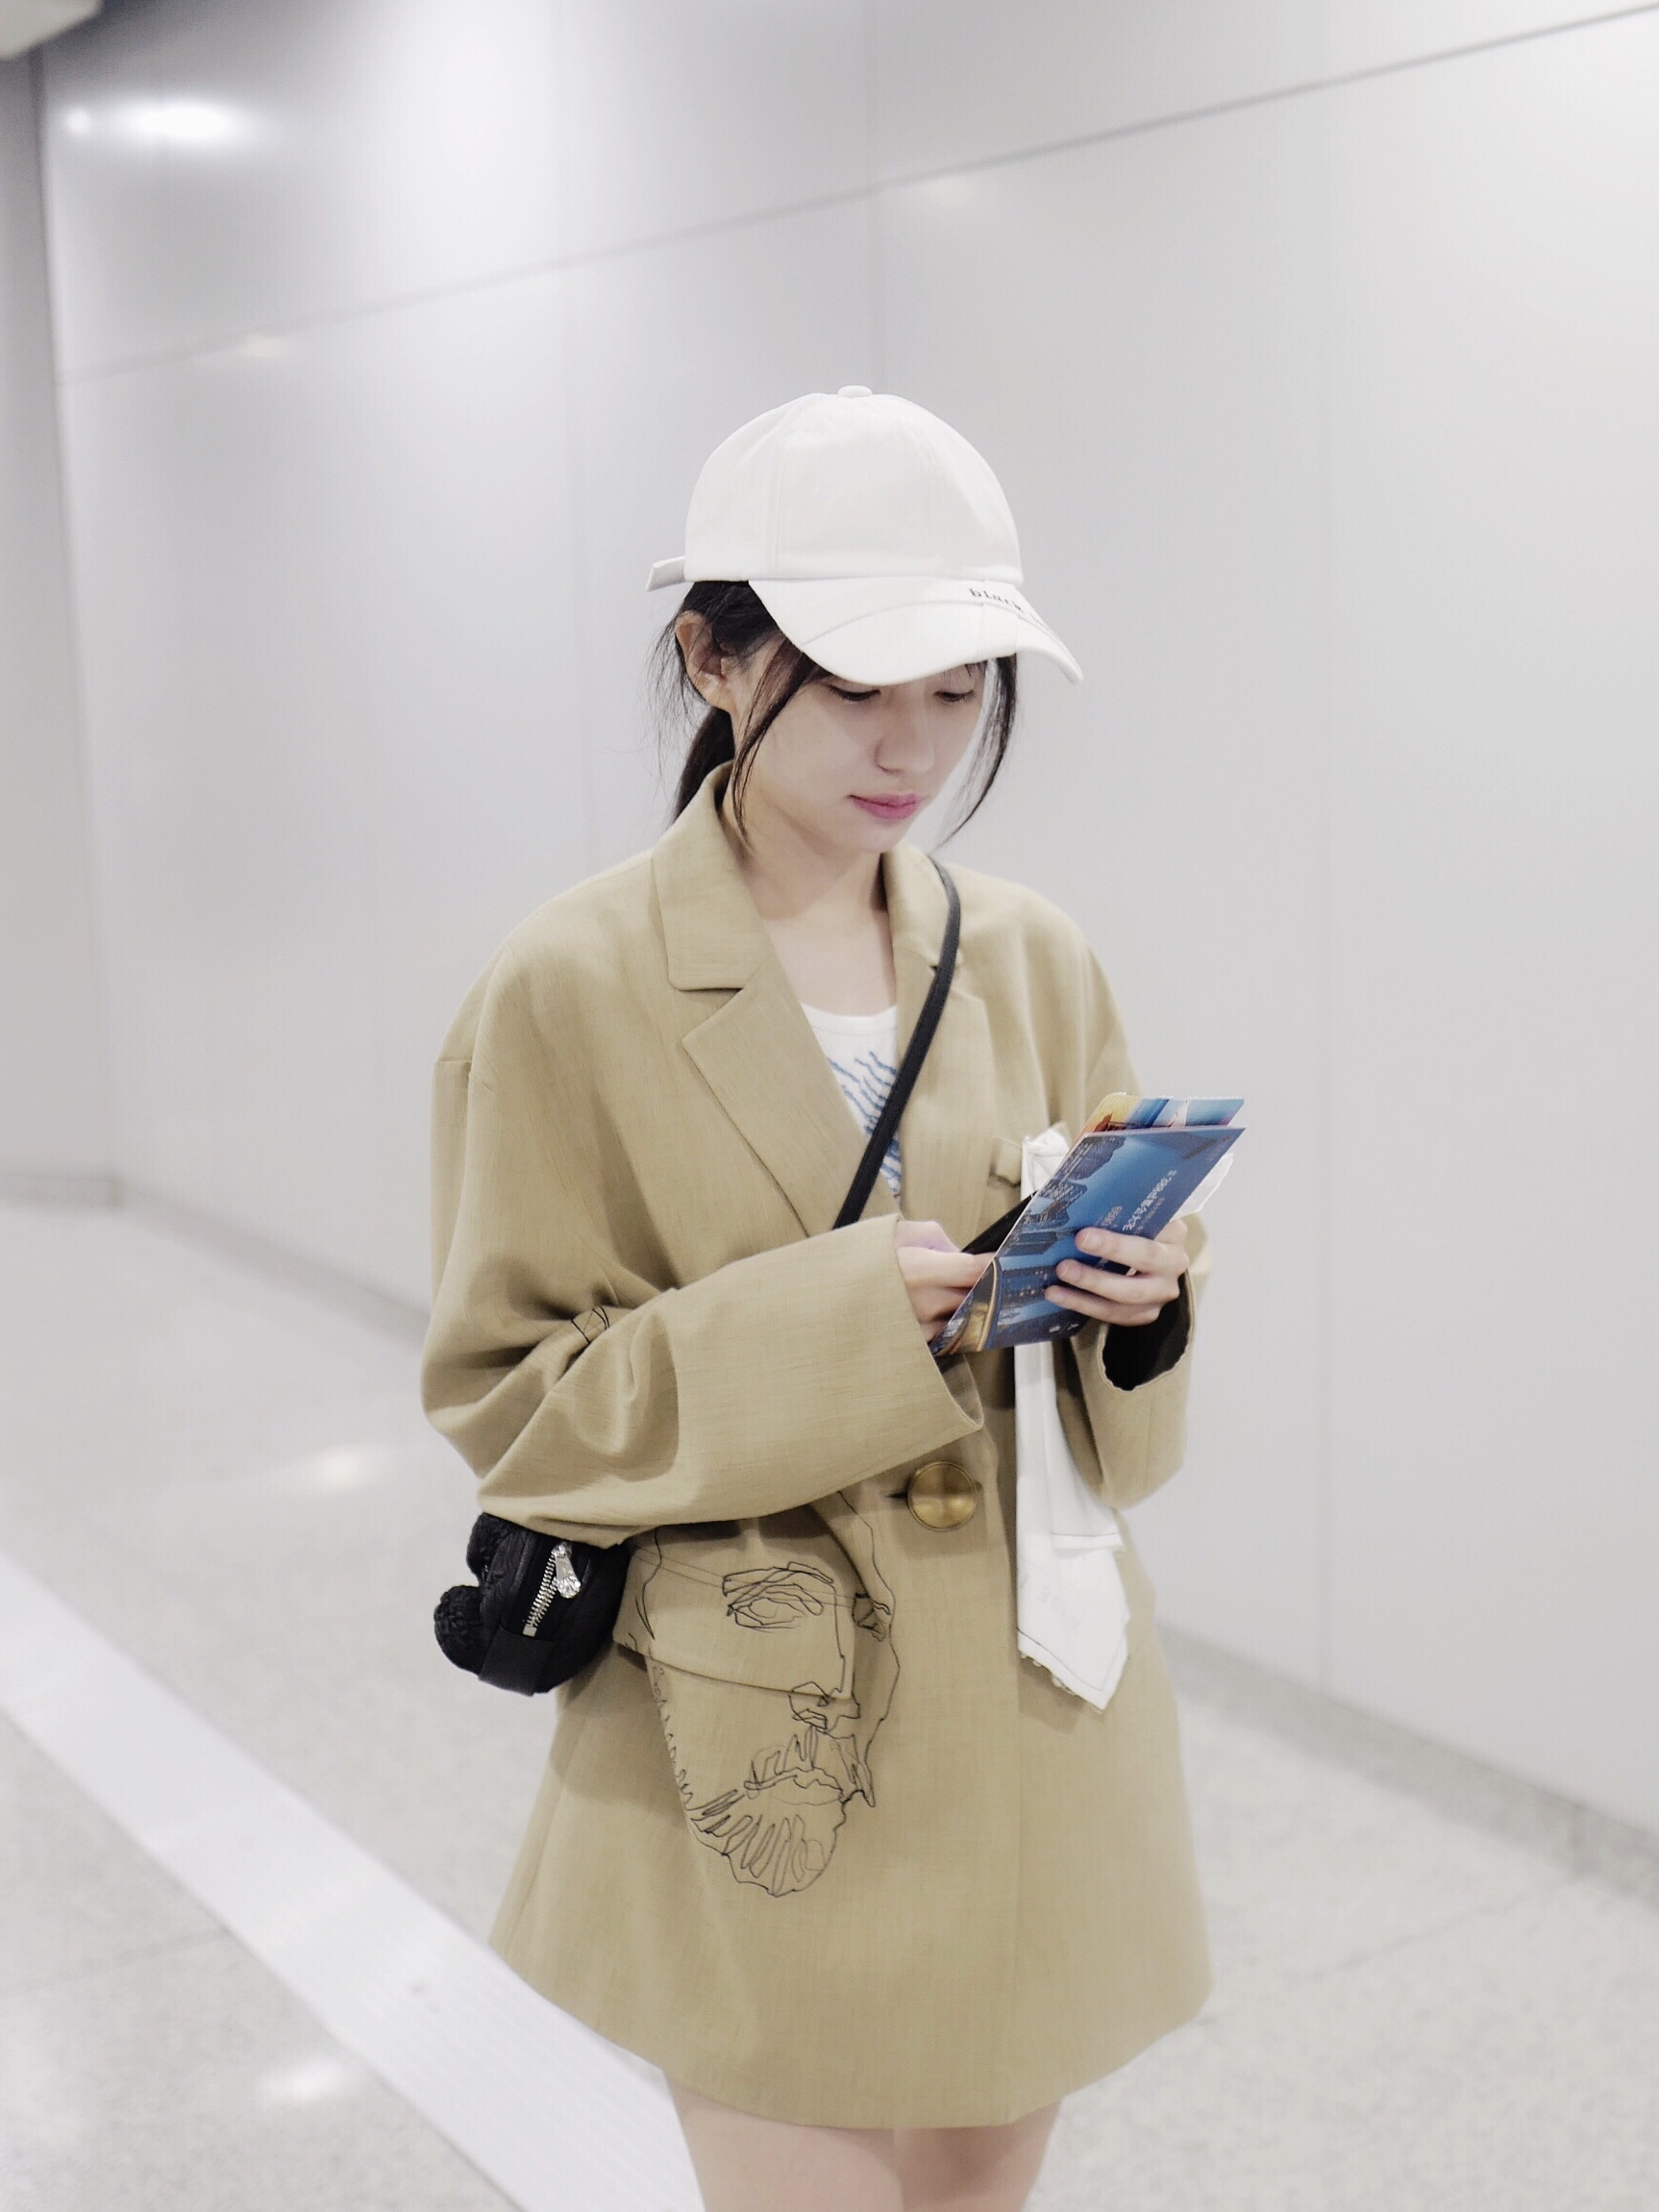 刘萌萌私服写真2.jpg